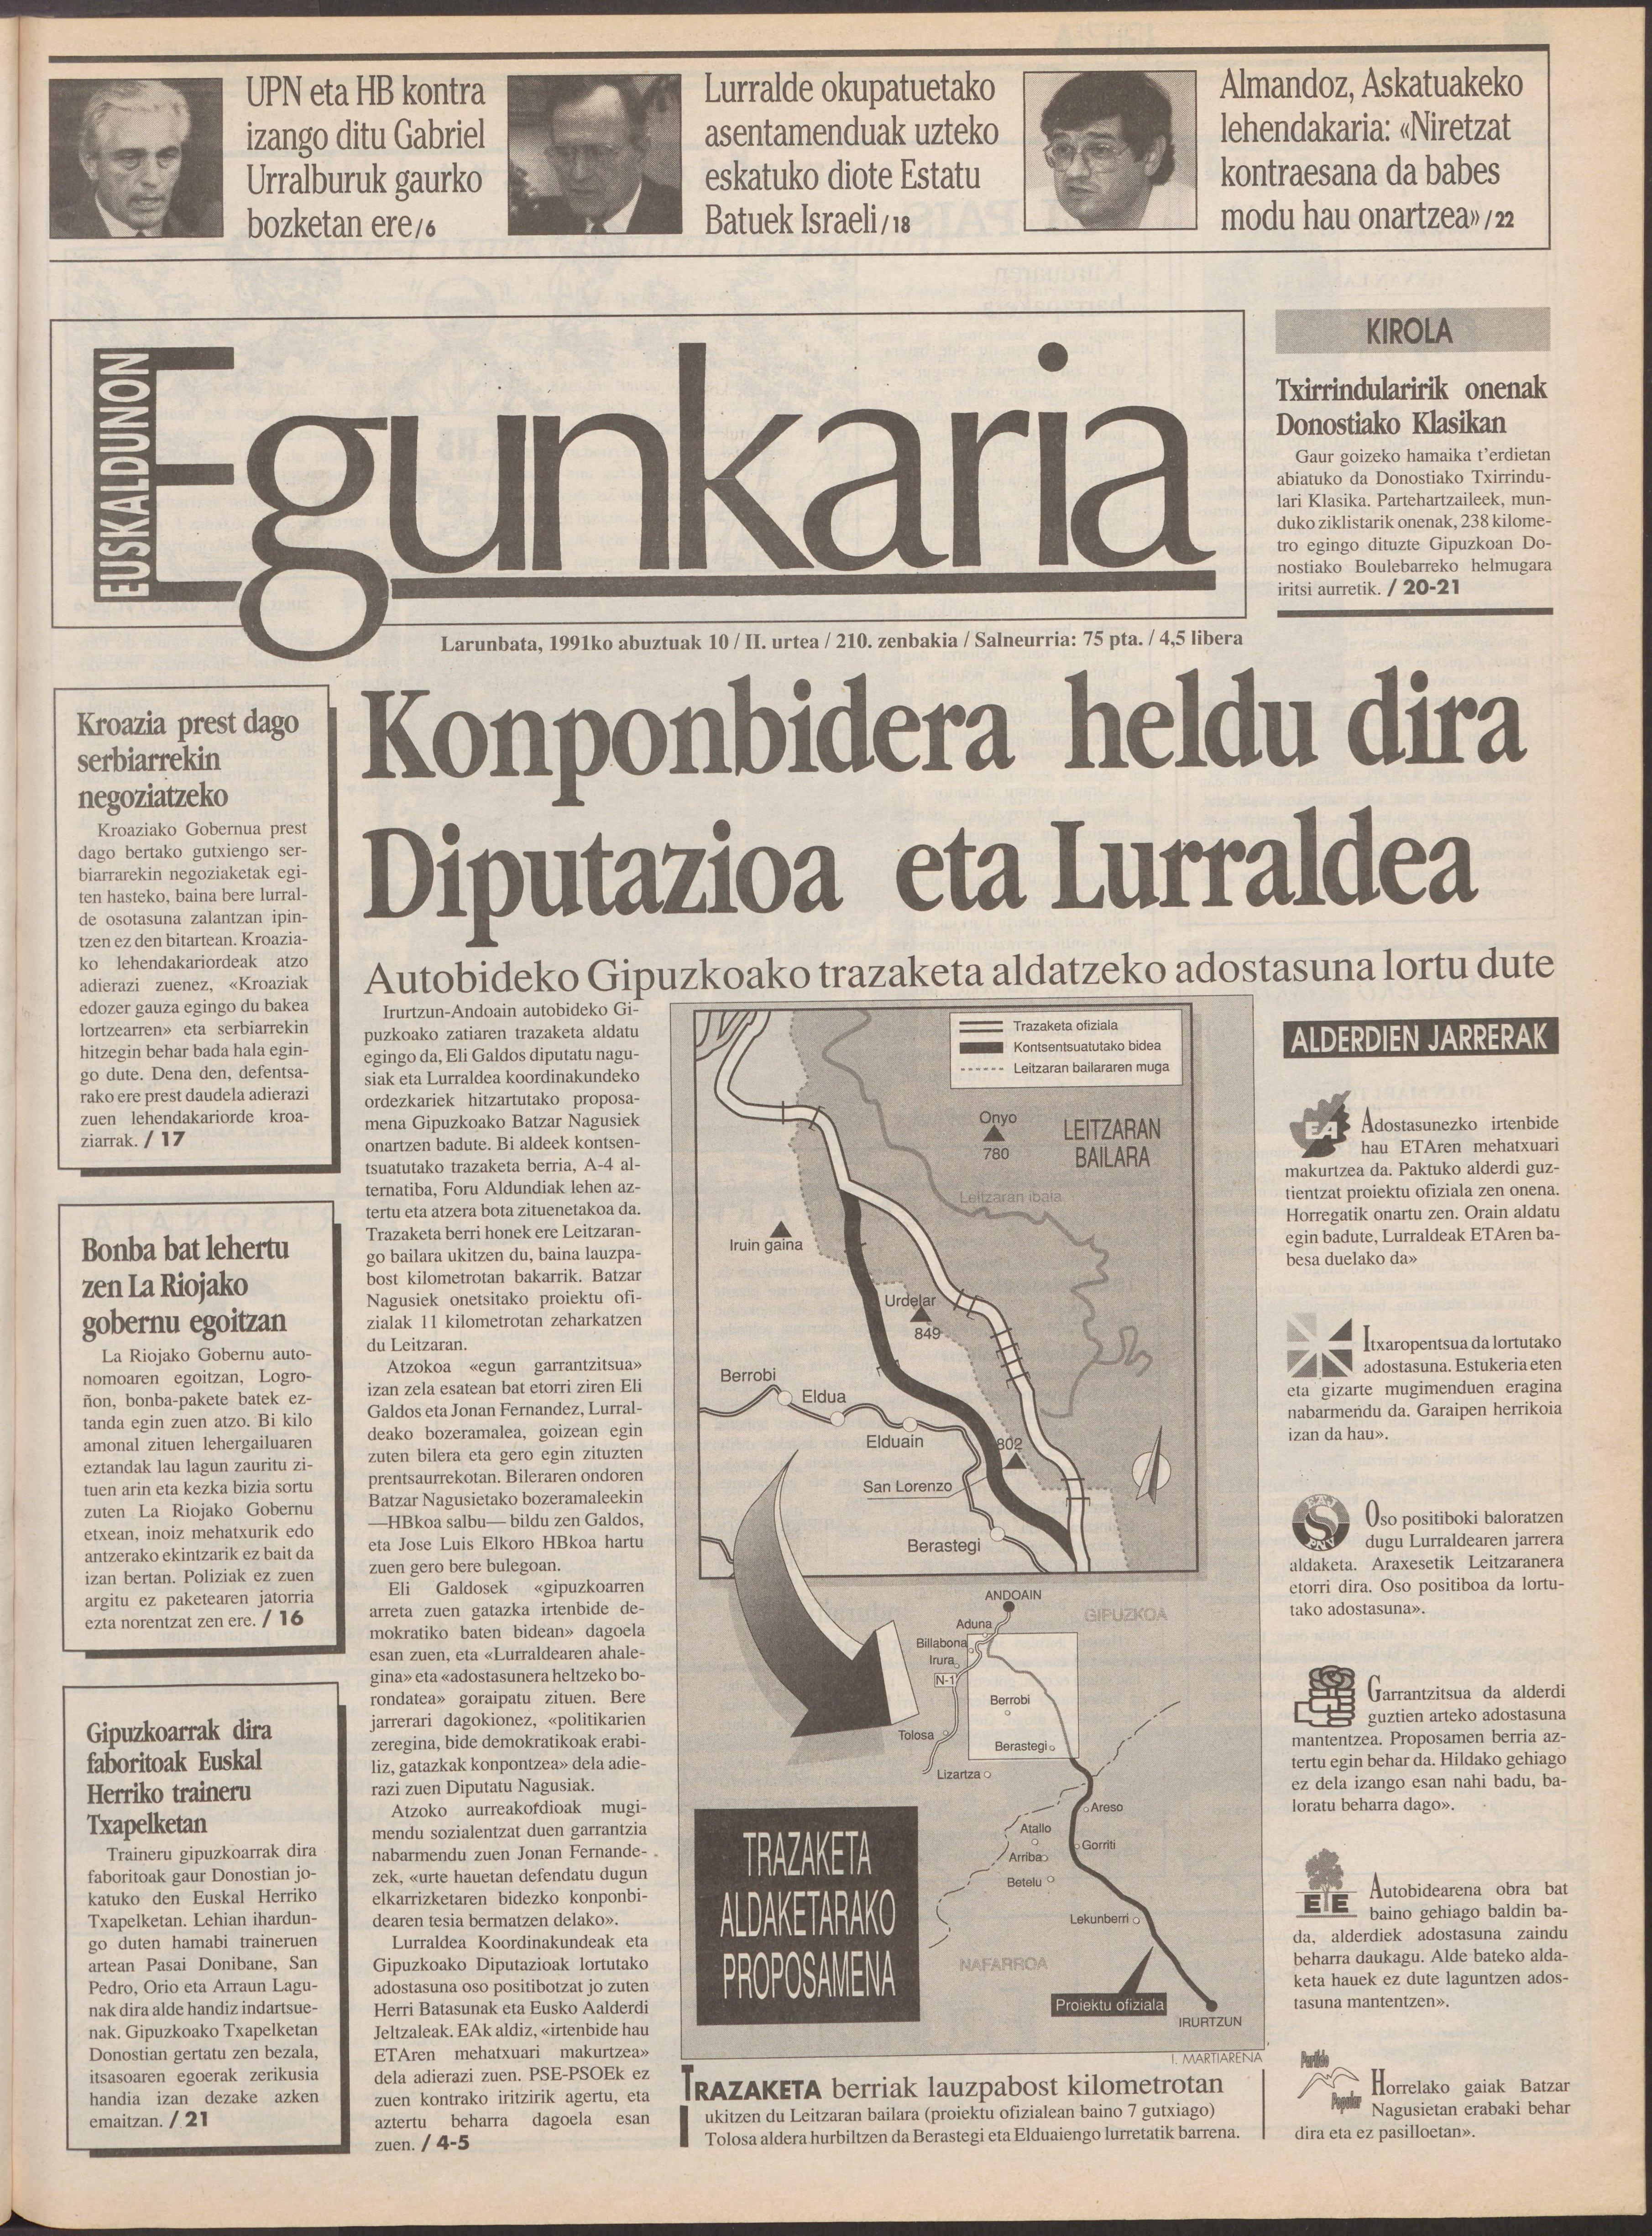 1991ko abuztuak 10, 01. orrialdea